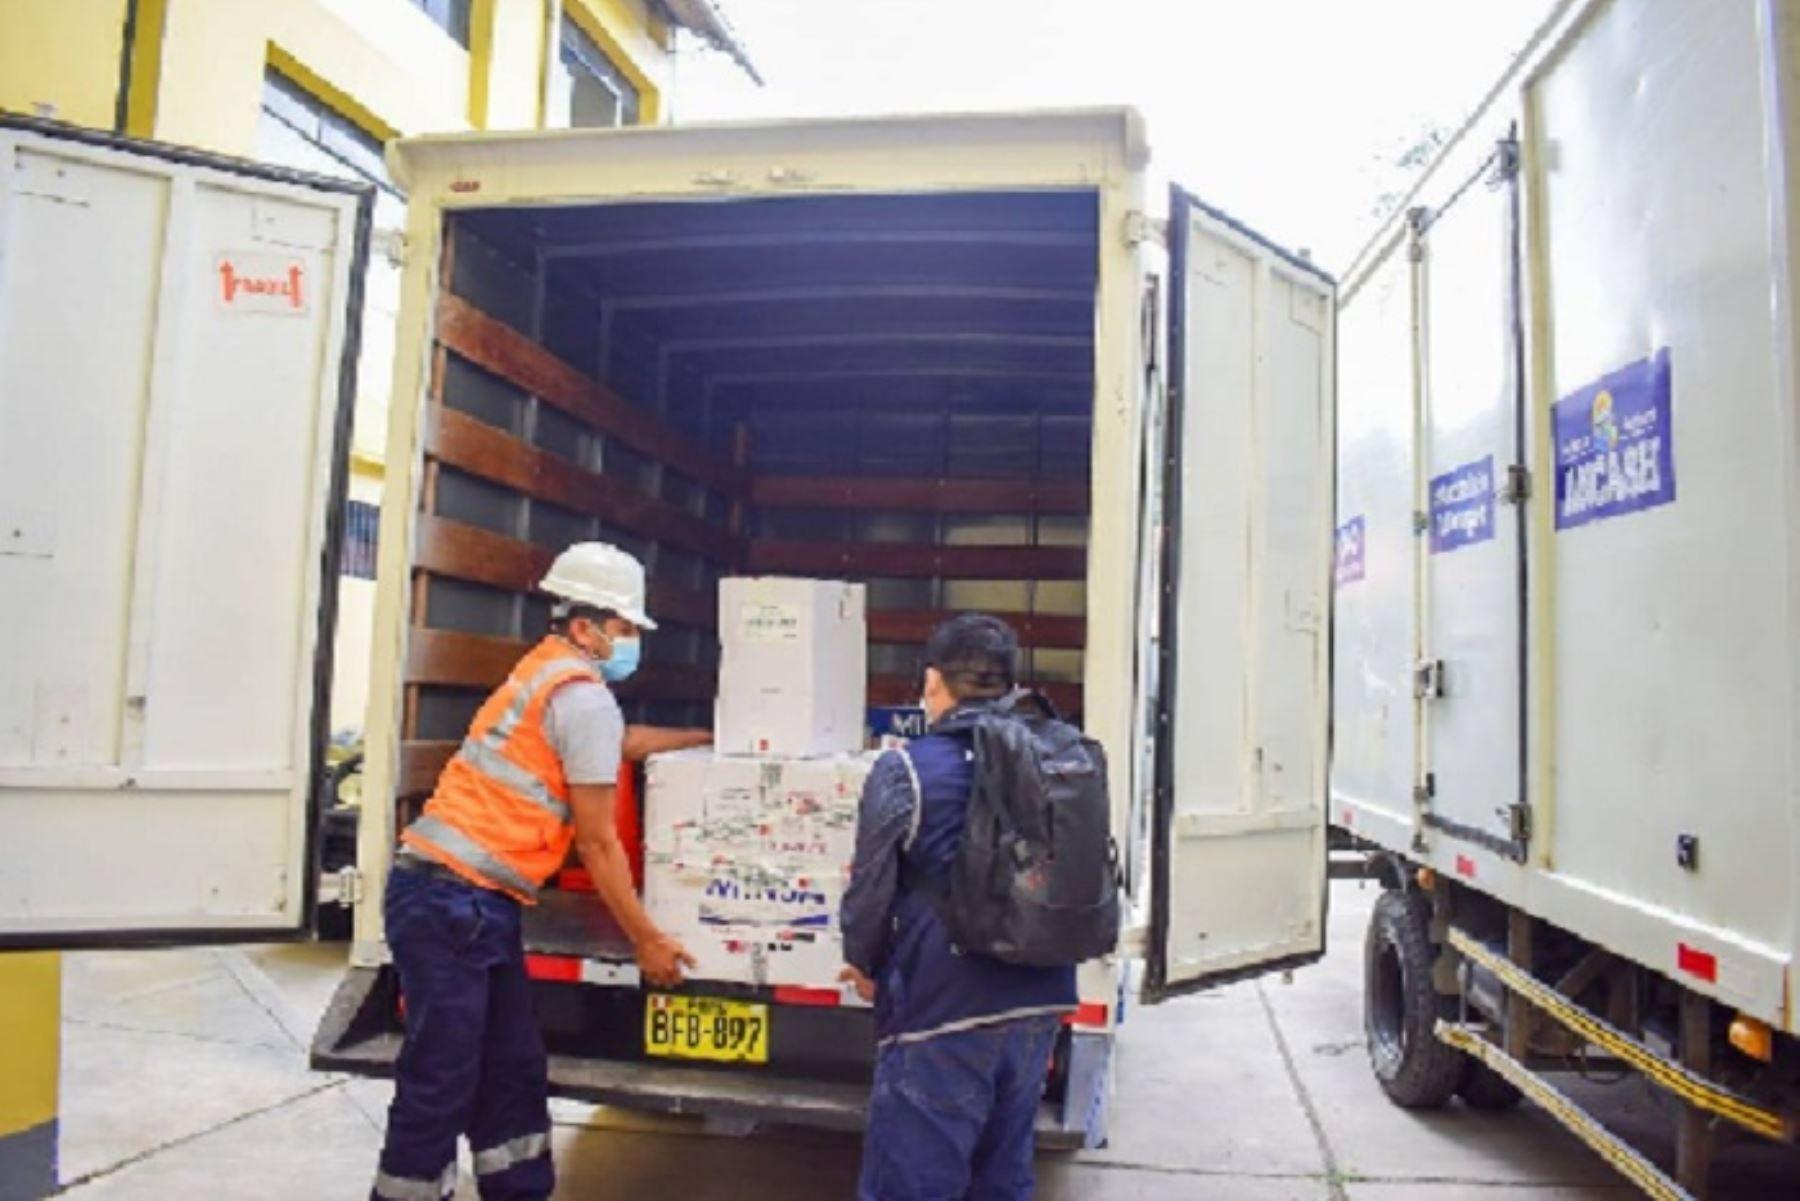 Las dosis de vacunas Pfizer contra el covid-19 llegaron a la sede de la Dirección Regional de Salud (Diresa), en la ciudad de Huaraz.